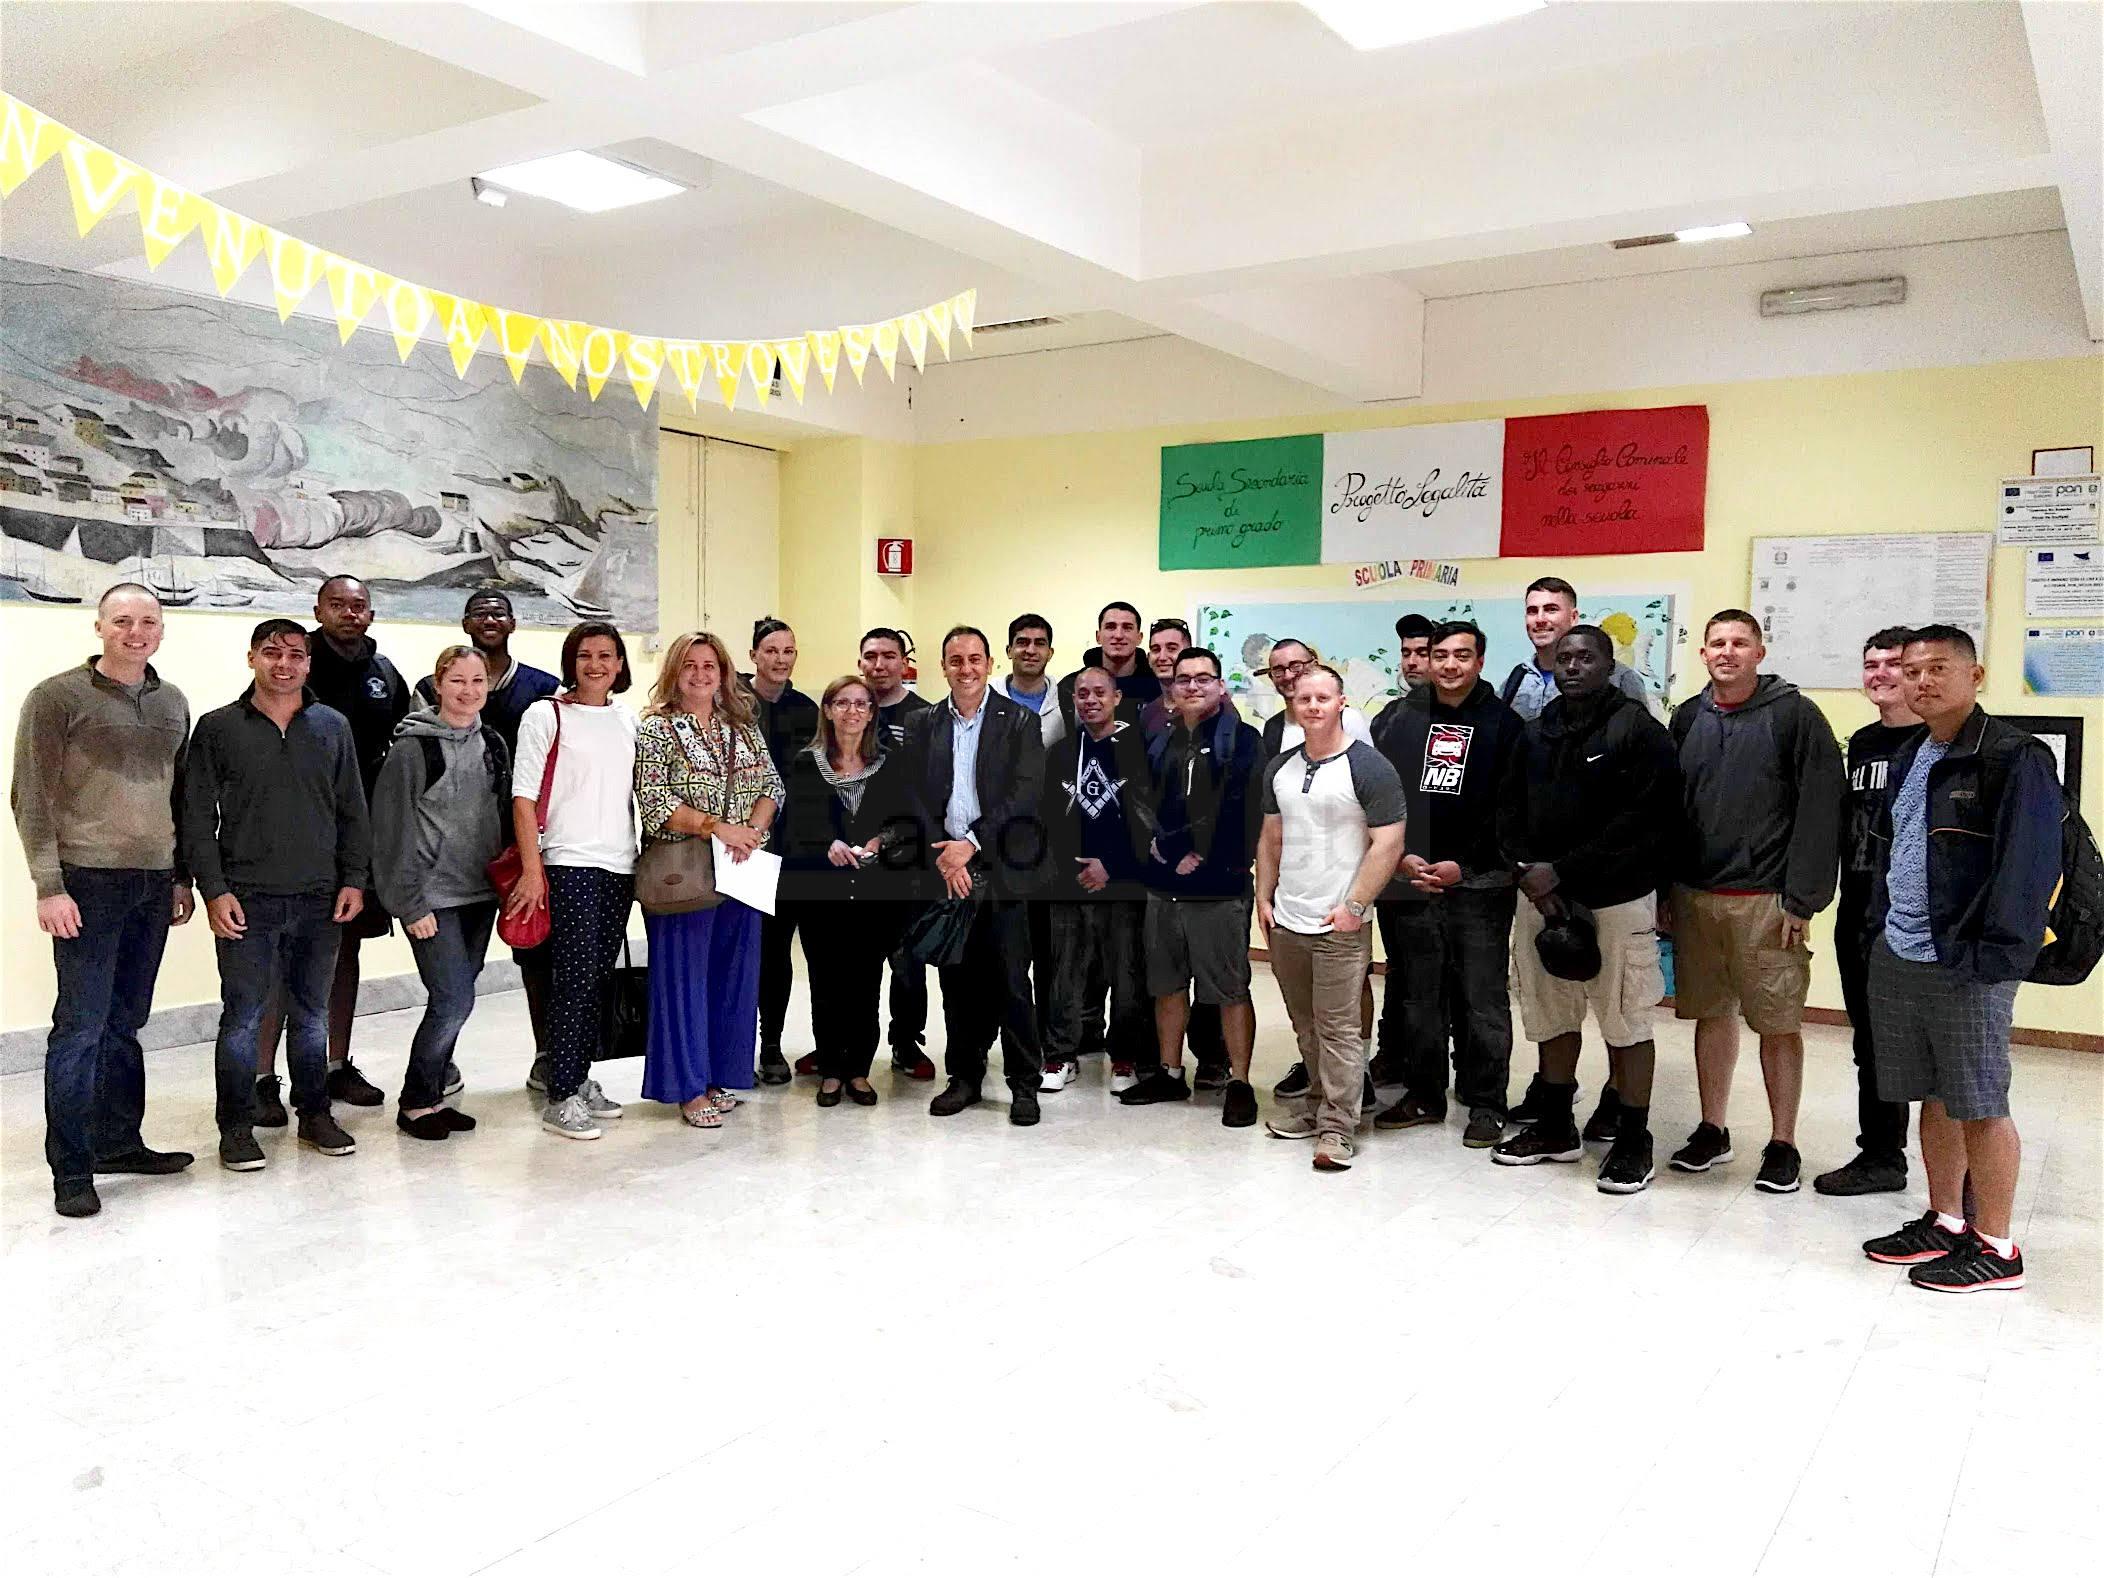 Marinai americani della USS Anchorage sbarcano alla Scuola De Roberto di Cibali per un progetto di solidarietà